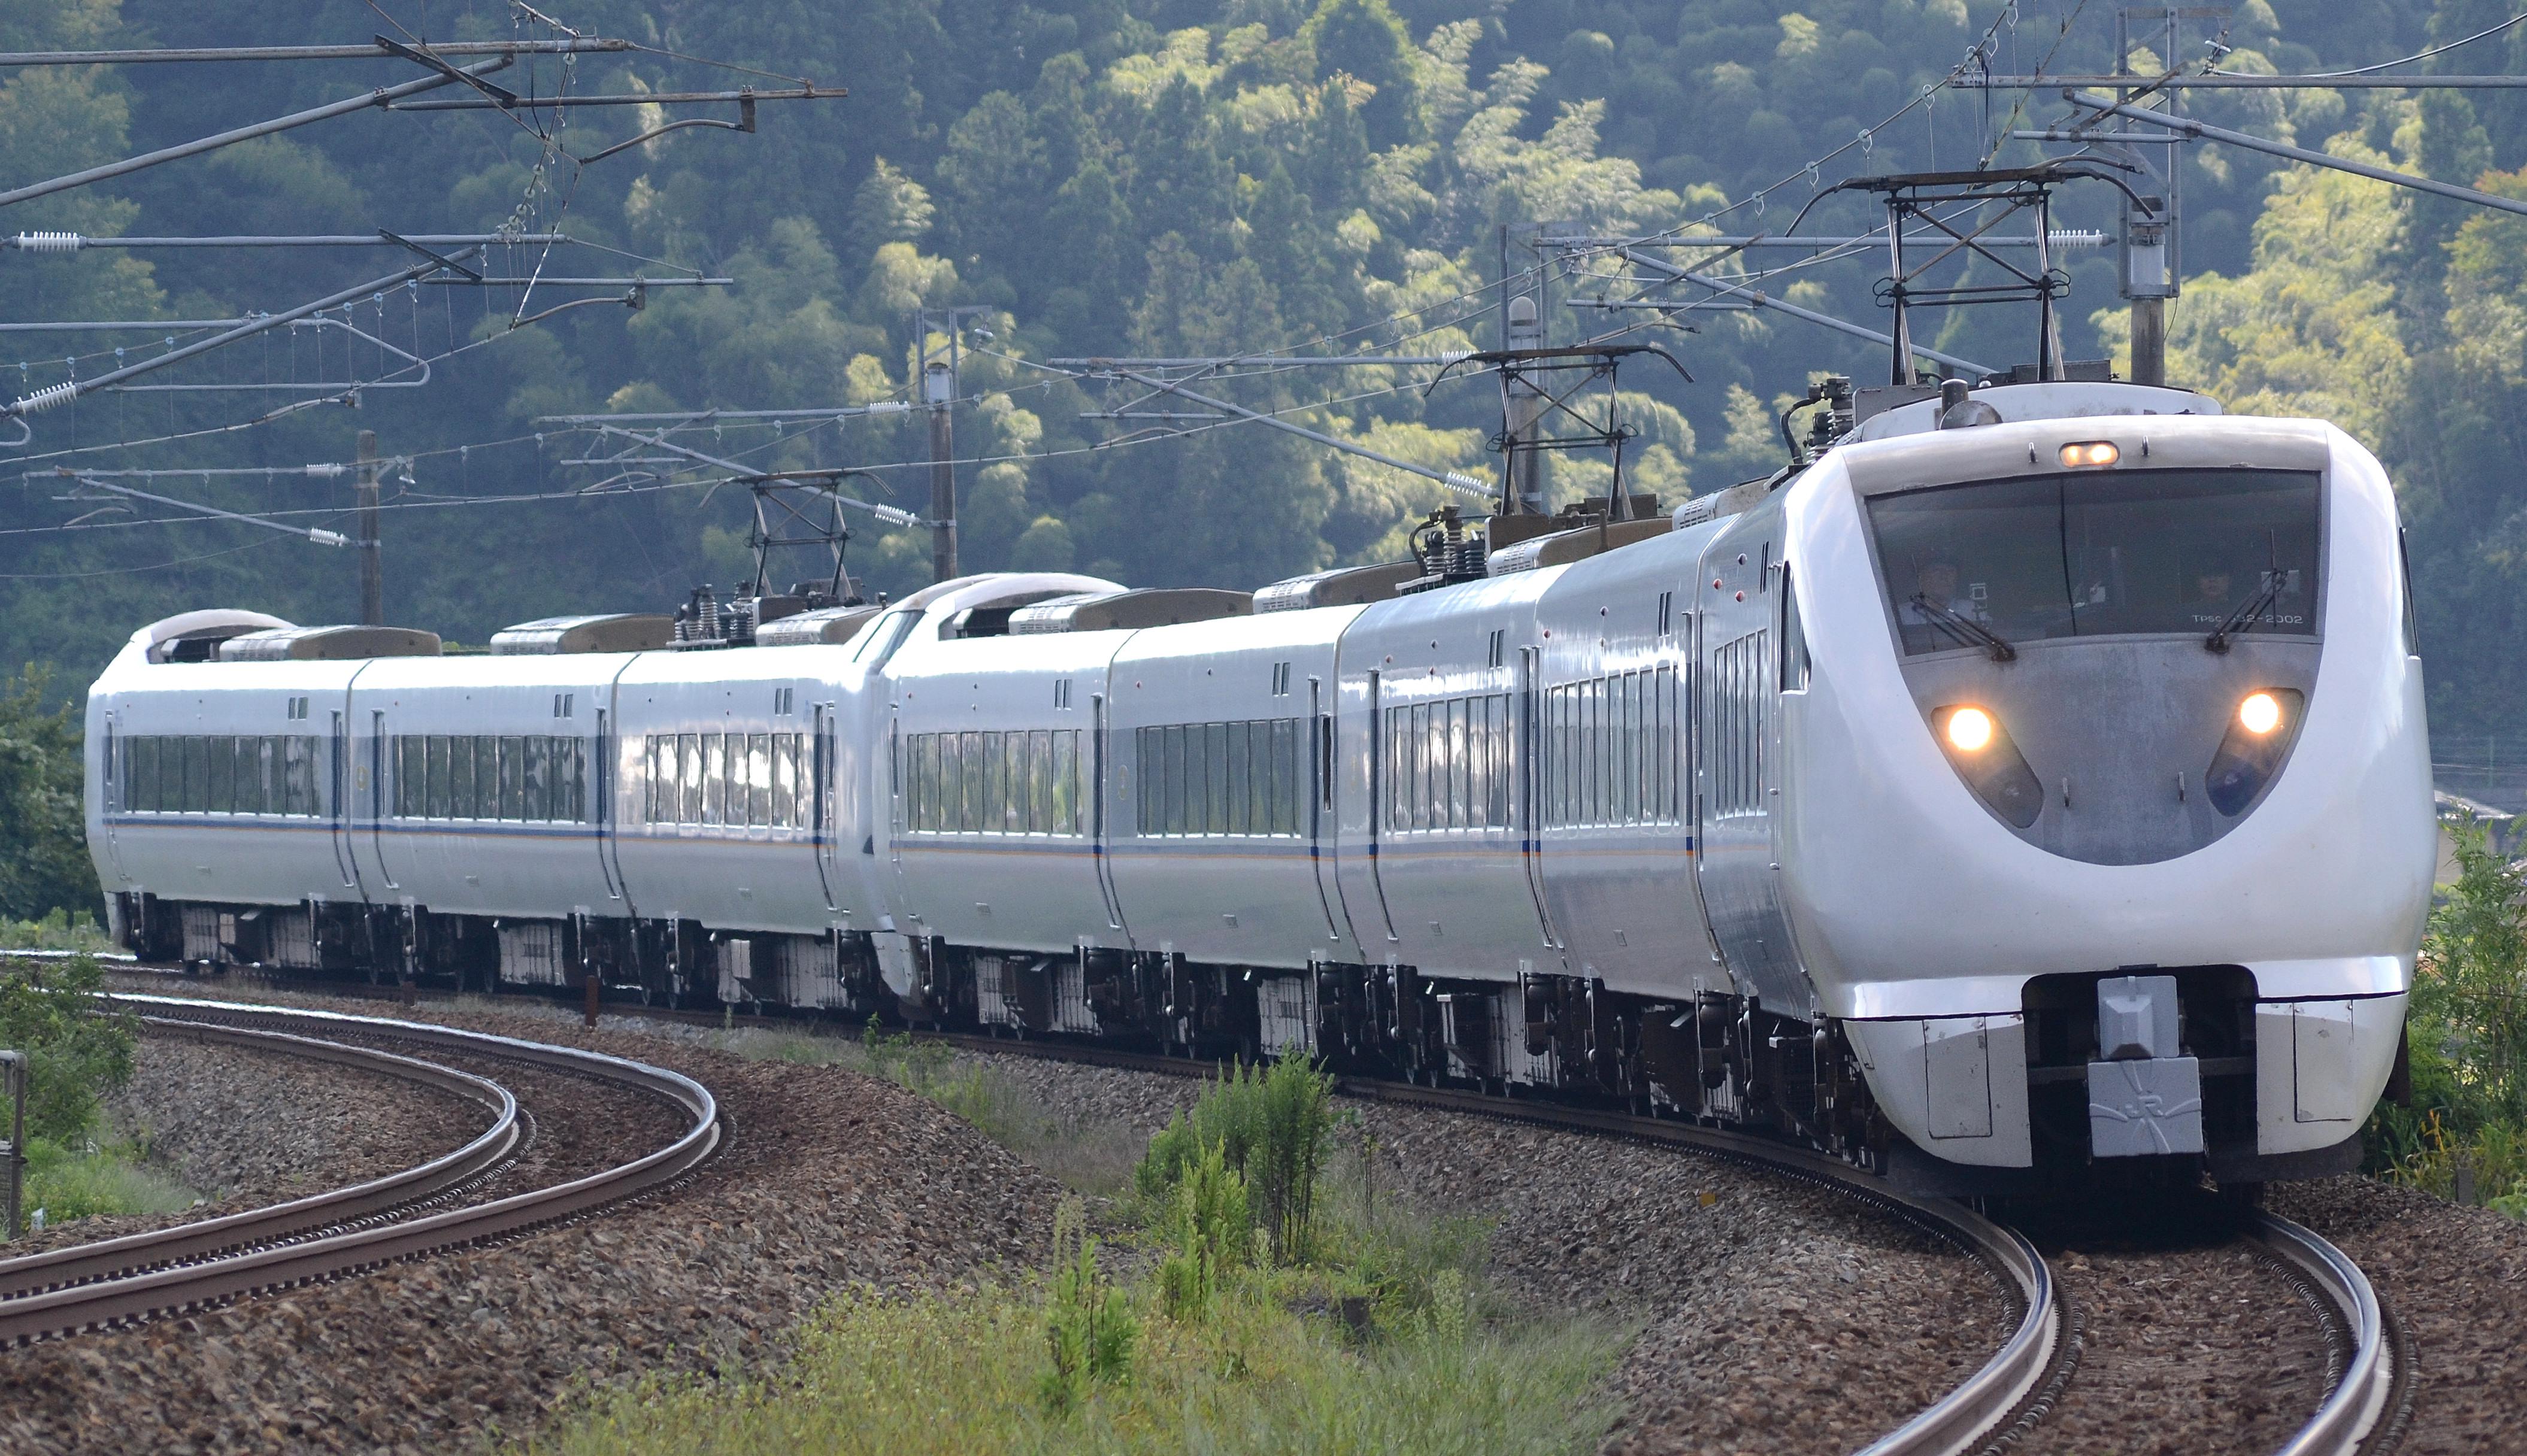 File:Limited express shirasagi 683-2000bandai.JPG